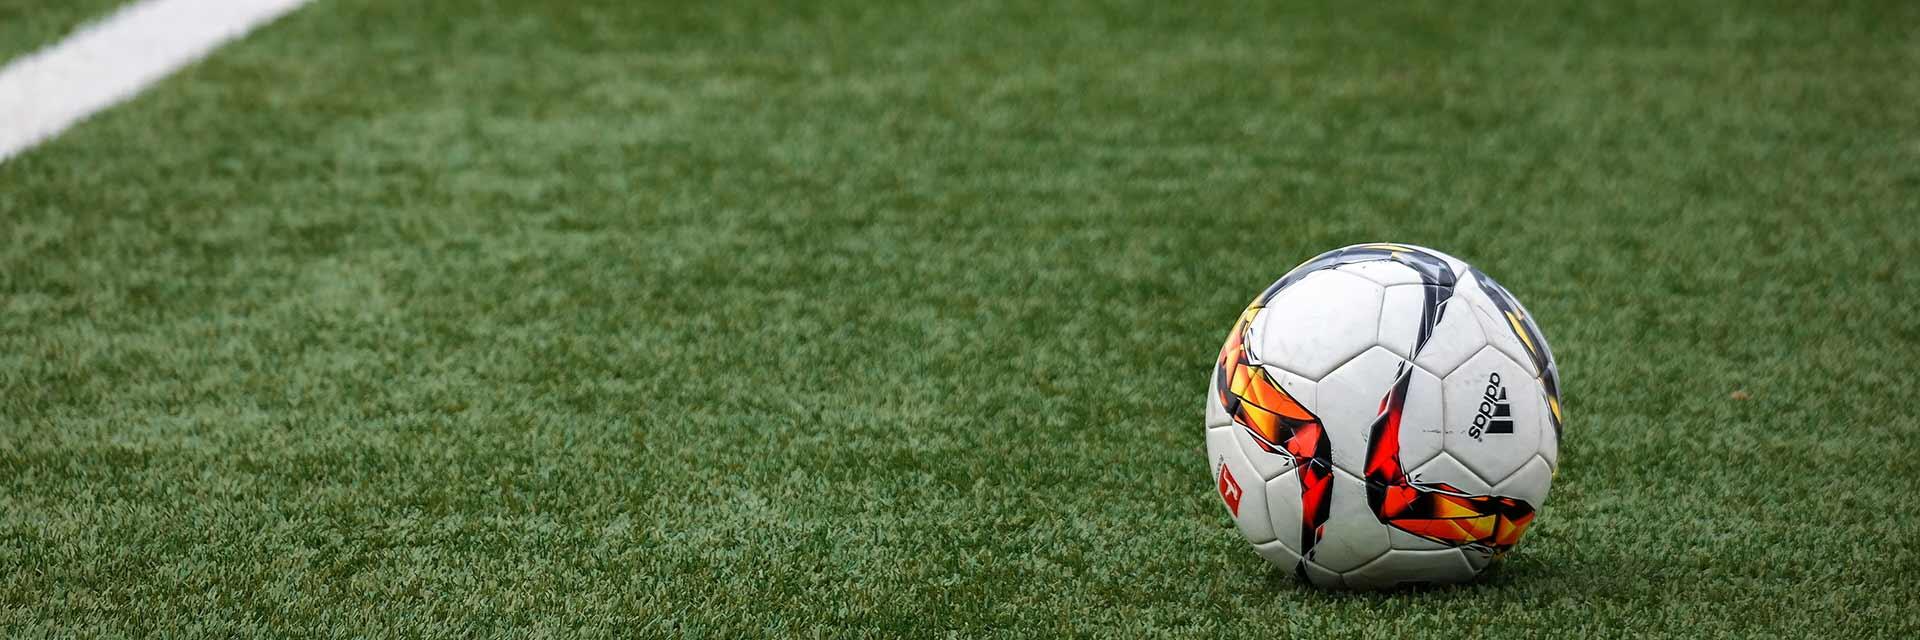 Vermarktung von Fußball-Clubs: divergierende Interessen